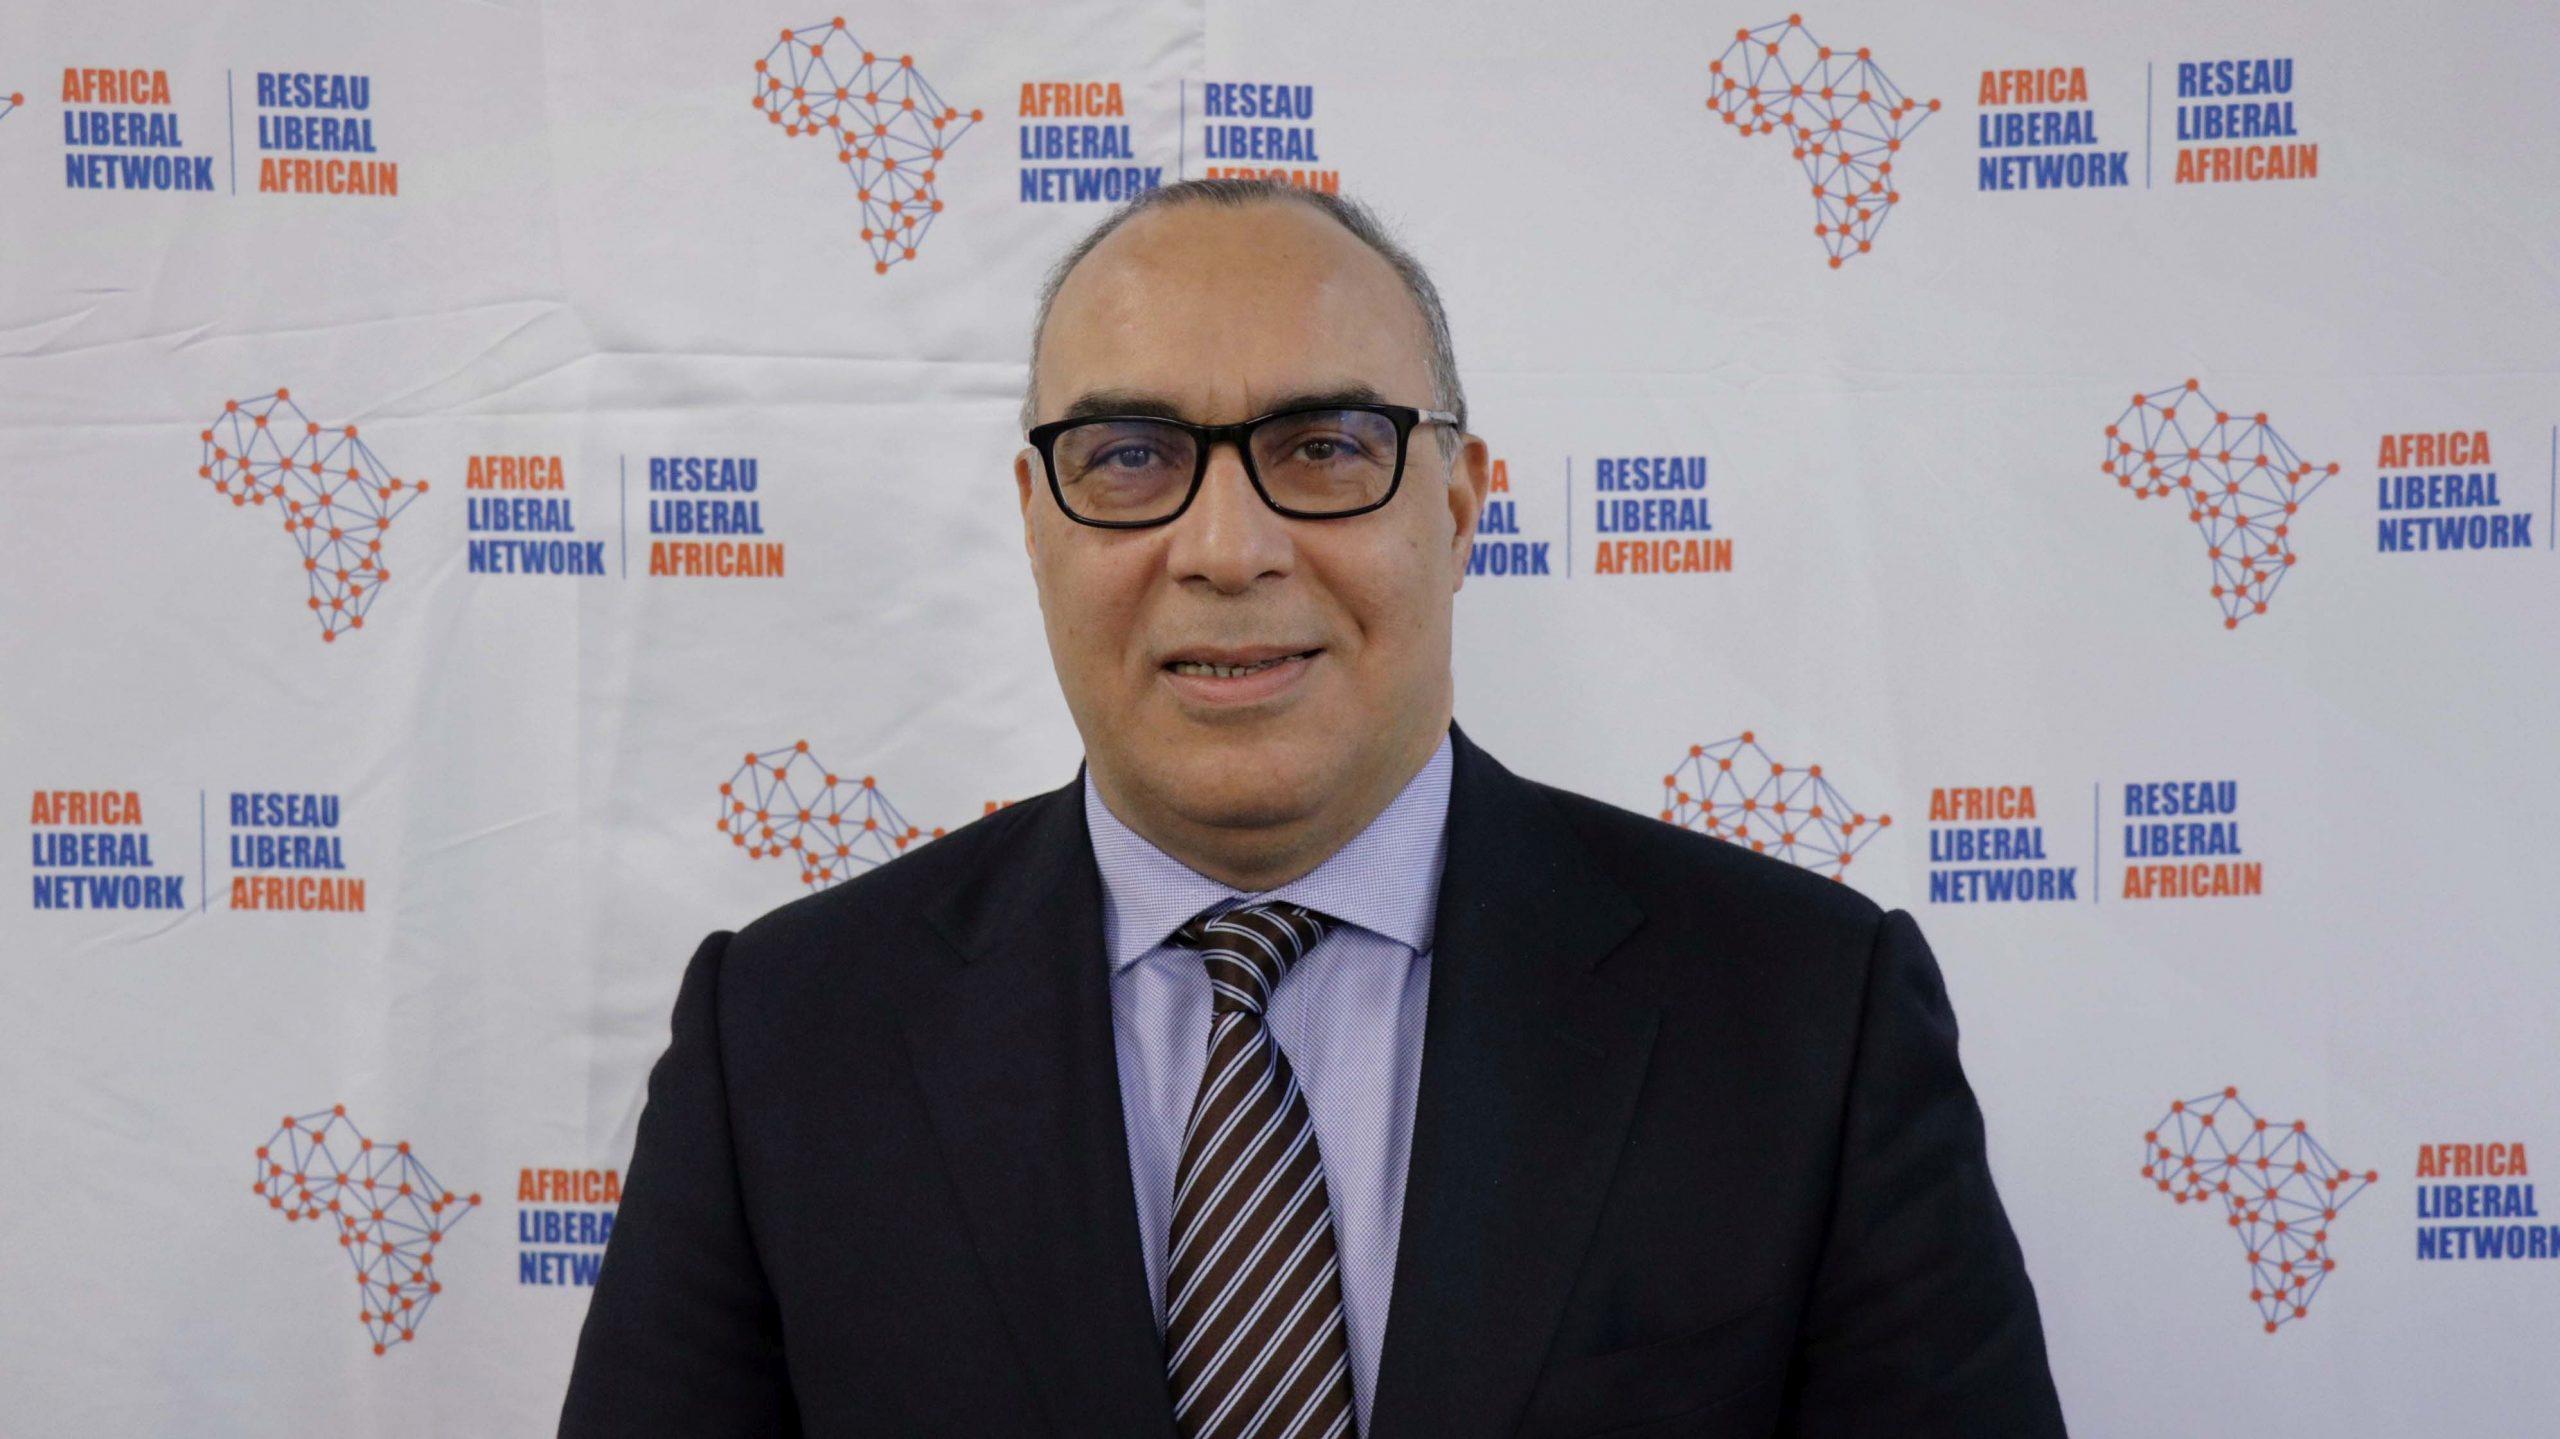 Abdeslam Nihrane